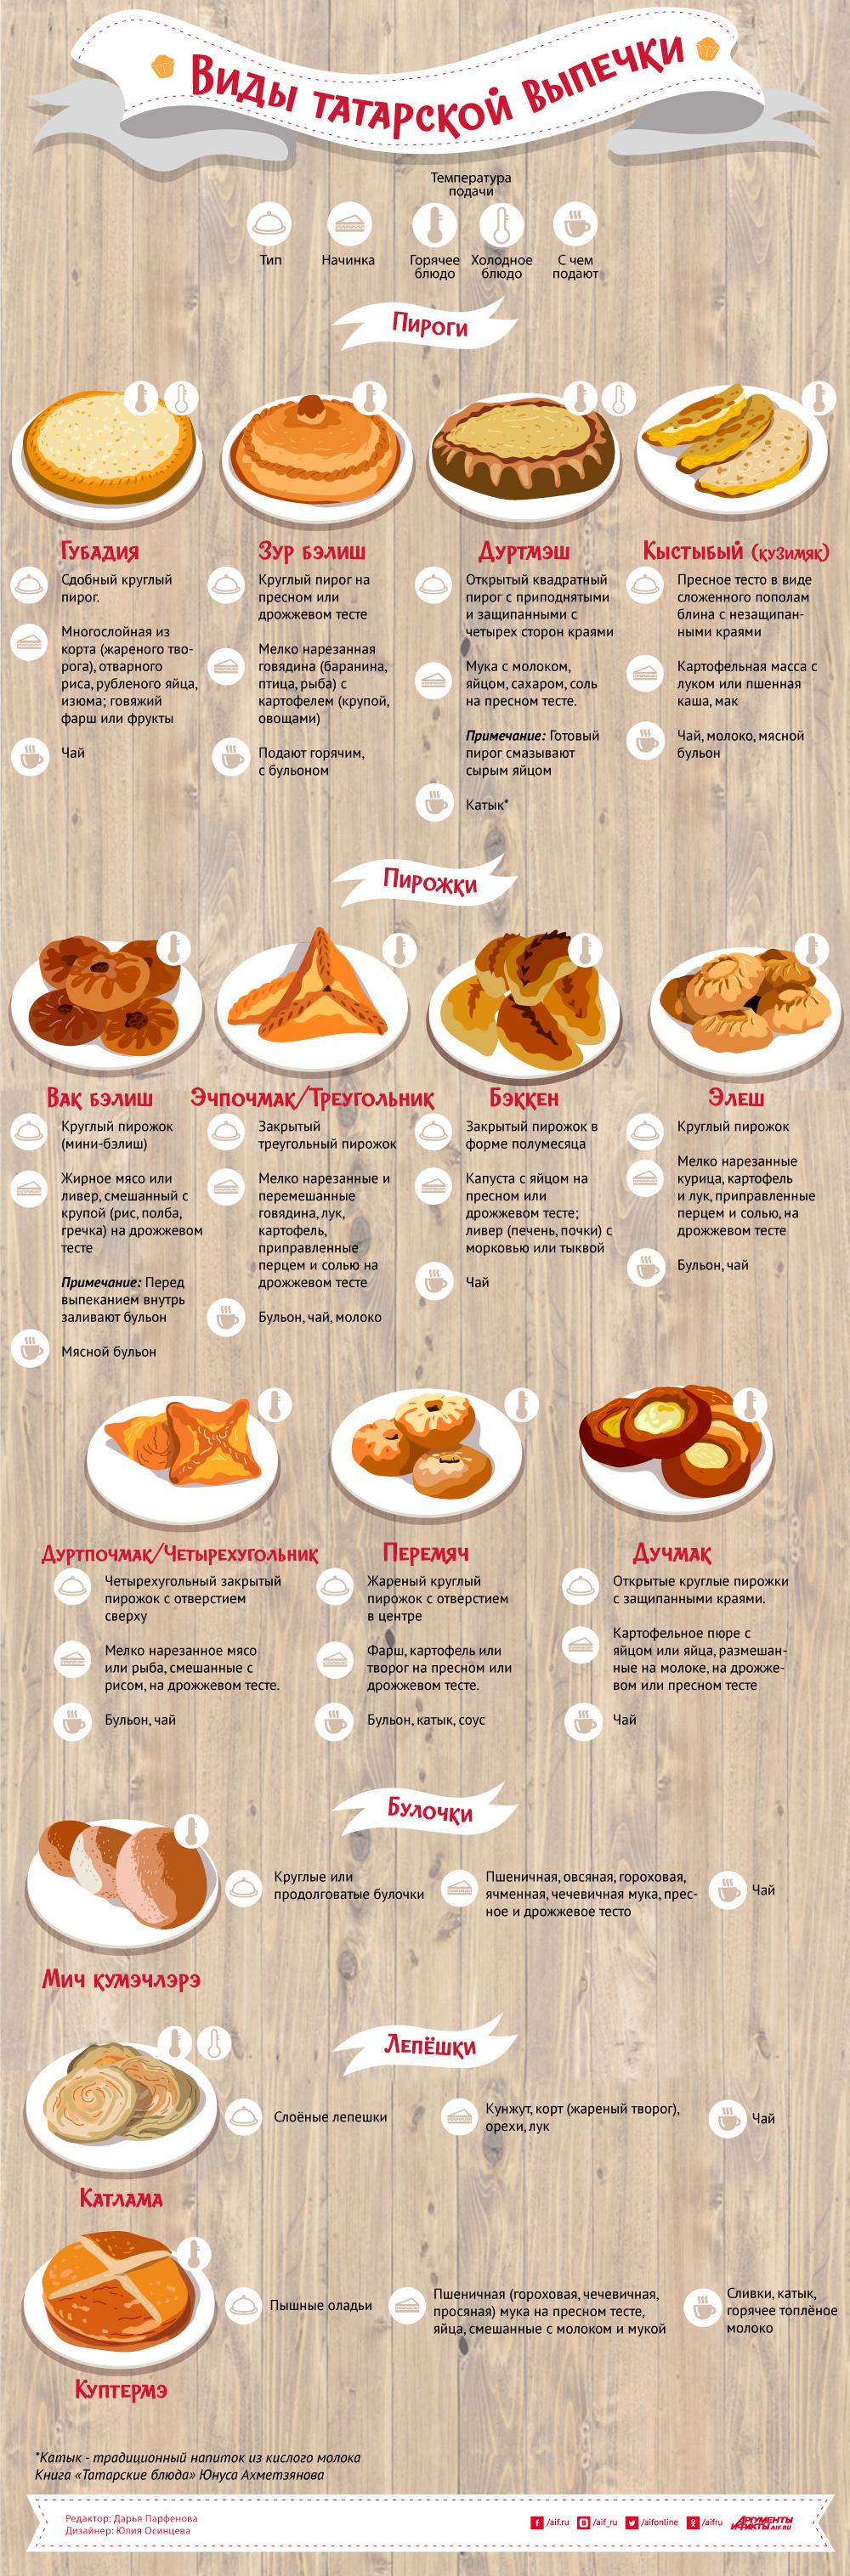 татарская выпечка инфографика